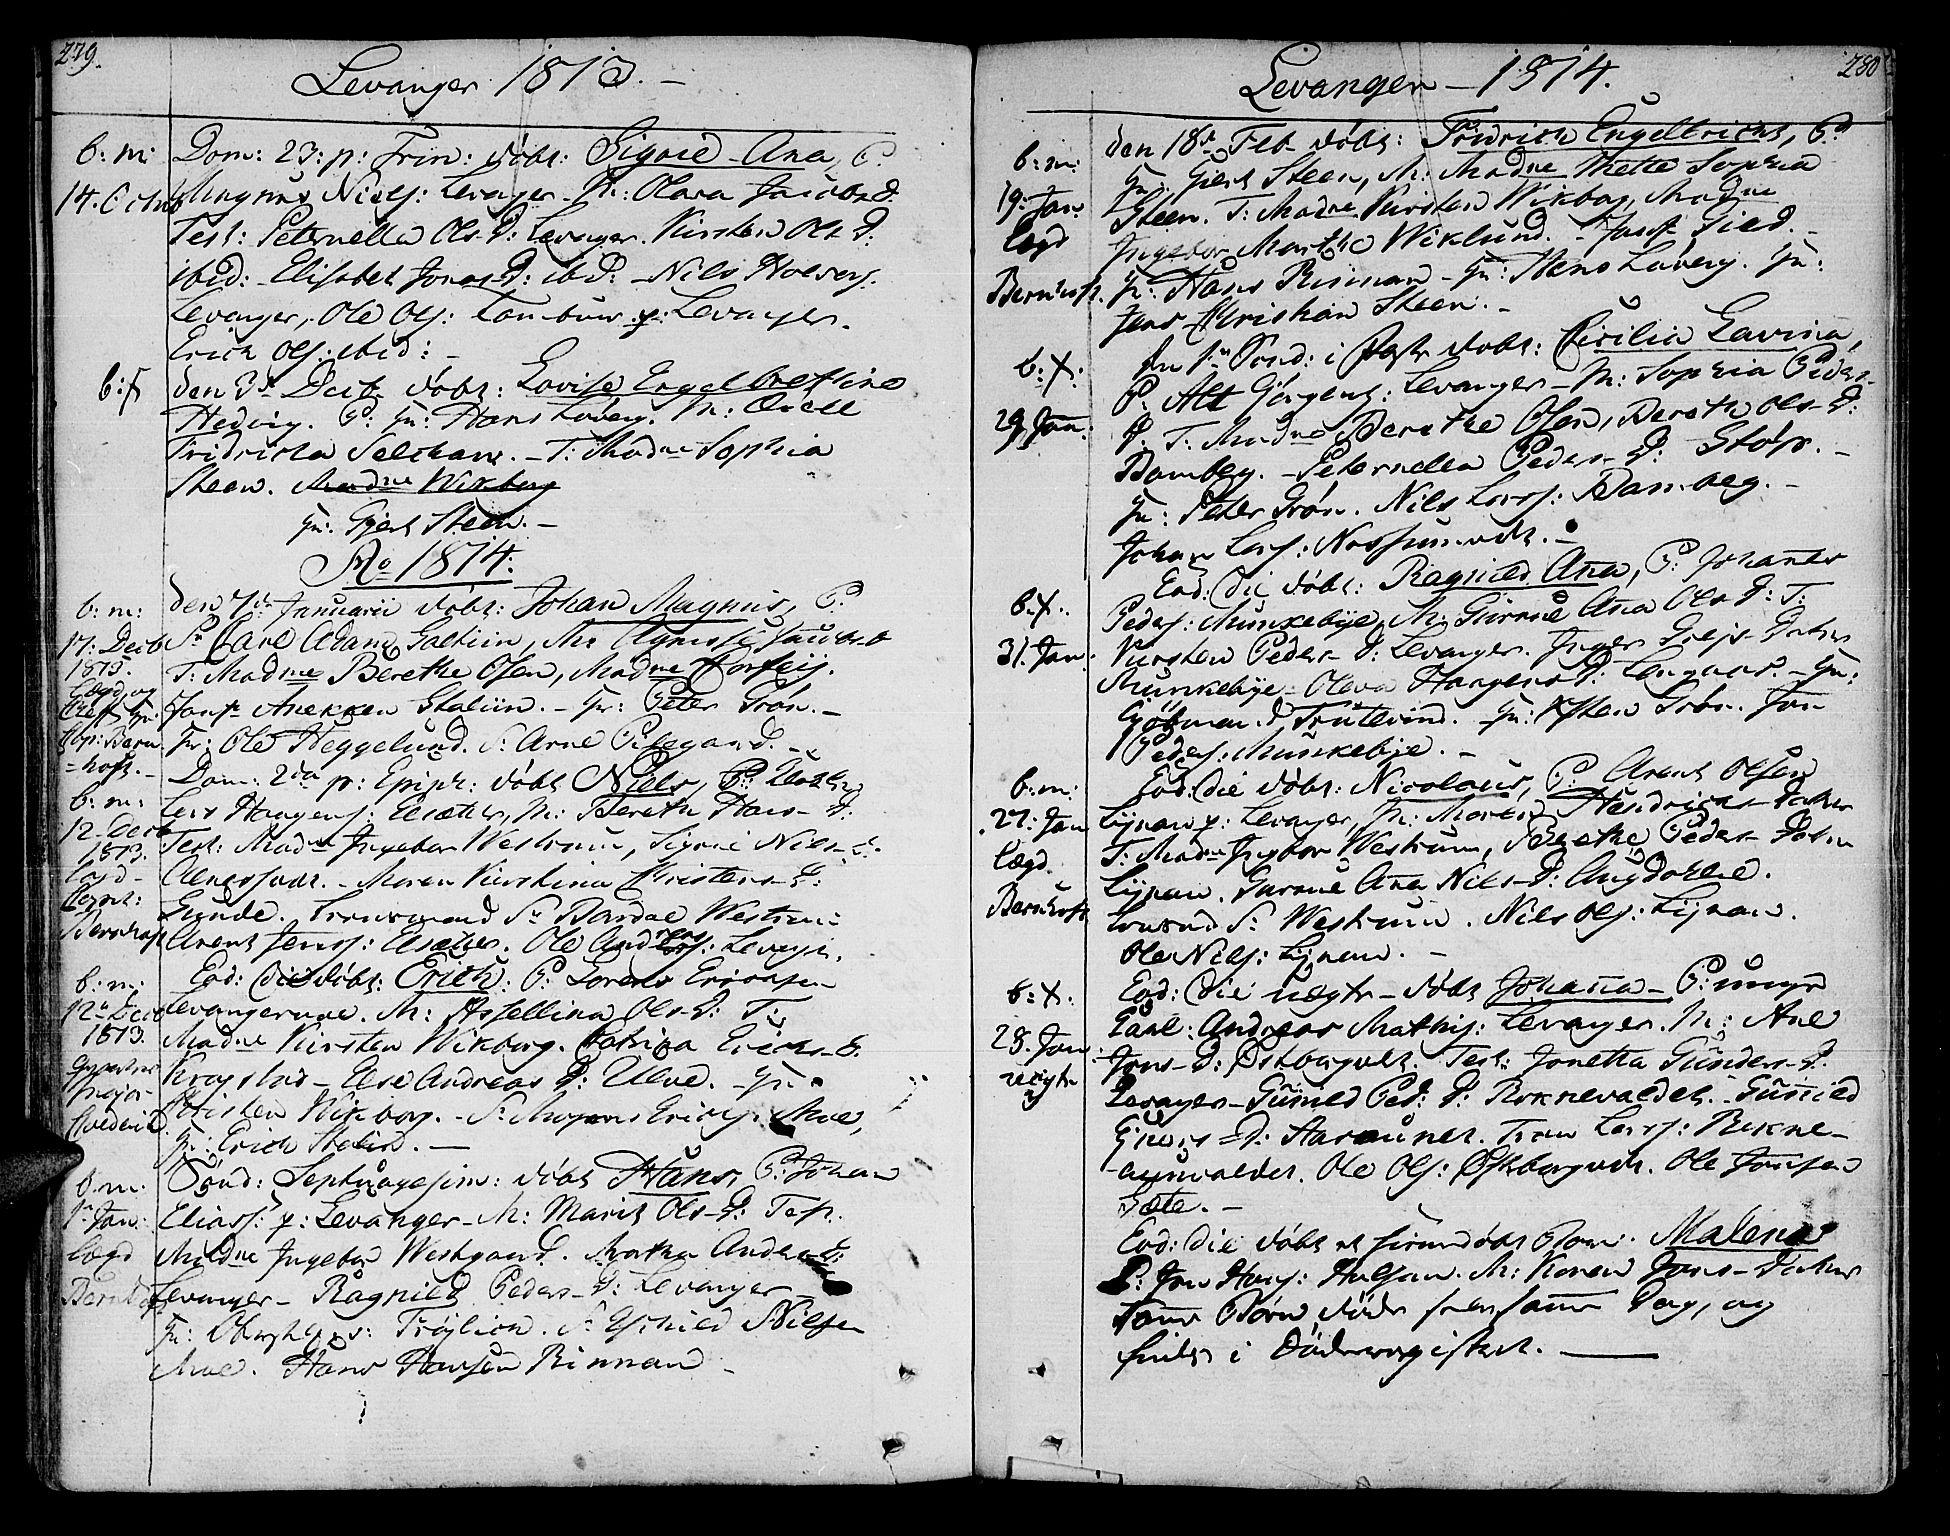 SAT, Ministerialprotokoller, klokkerbøker og fødselsregistre - Nord-Trøndelag, 717/L0145: Ministerialbok nr. 717A03 /3, 1810-1815, s. 279-280